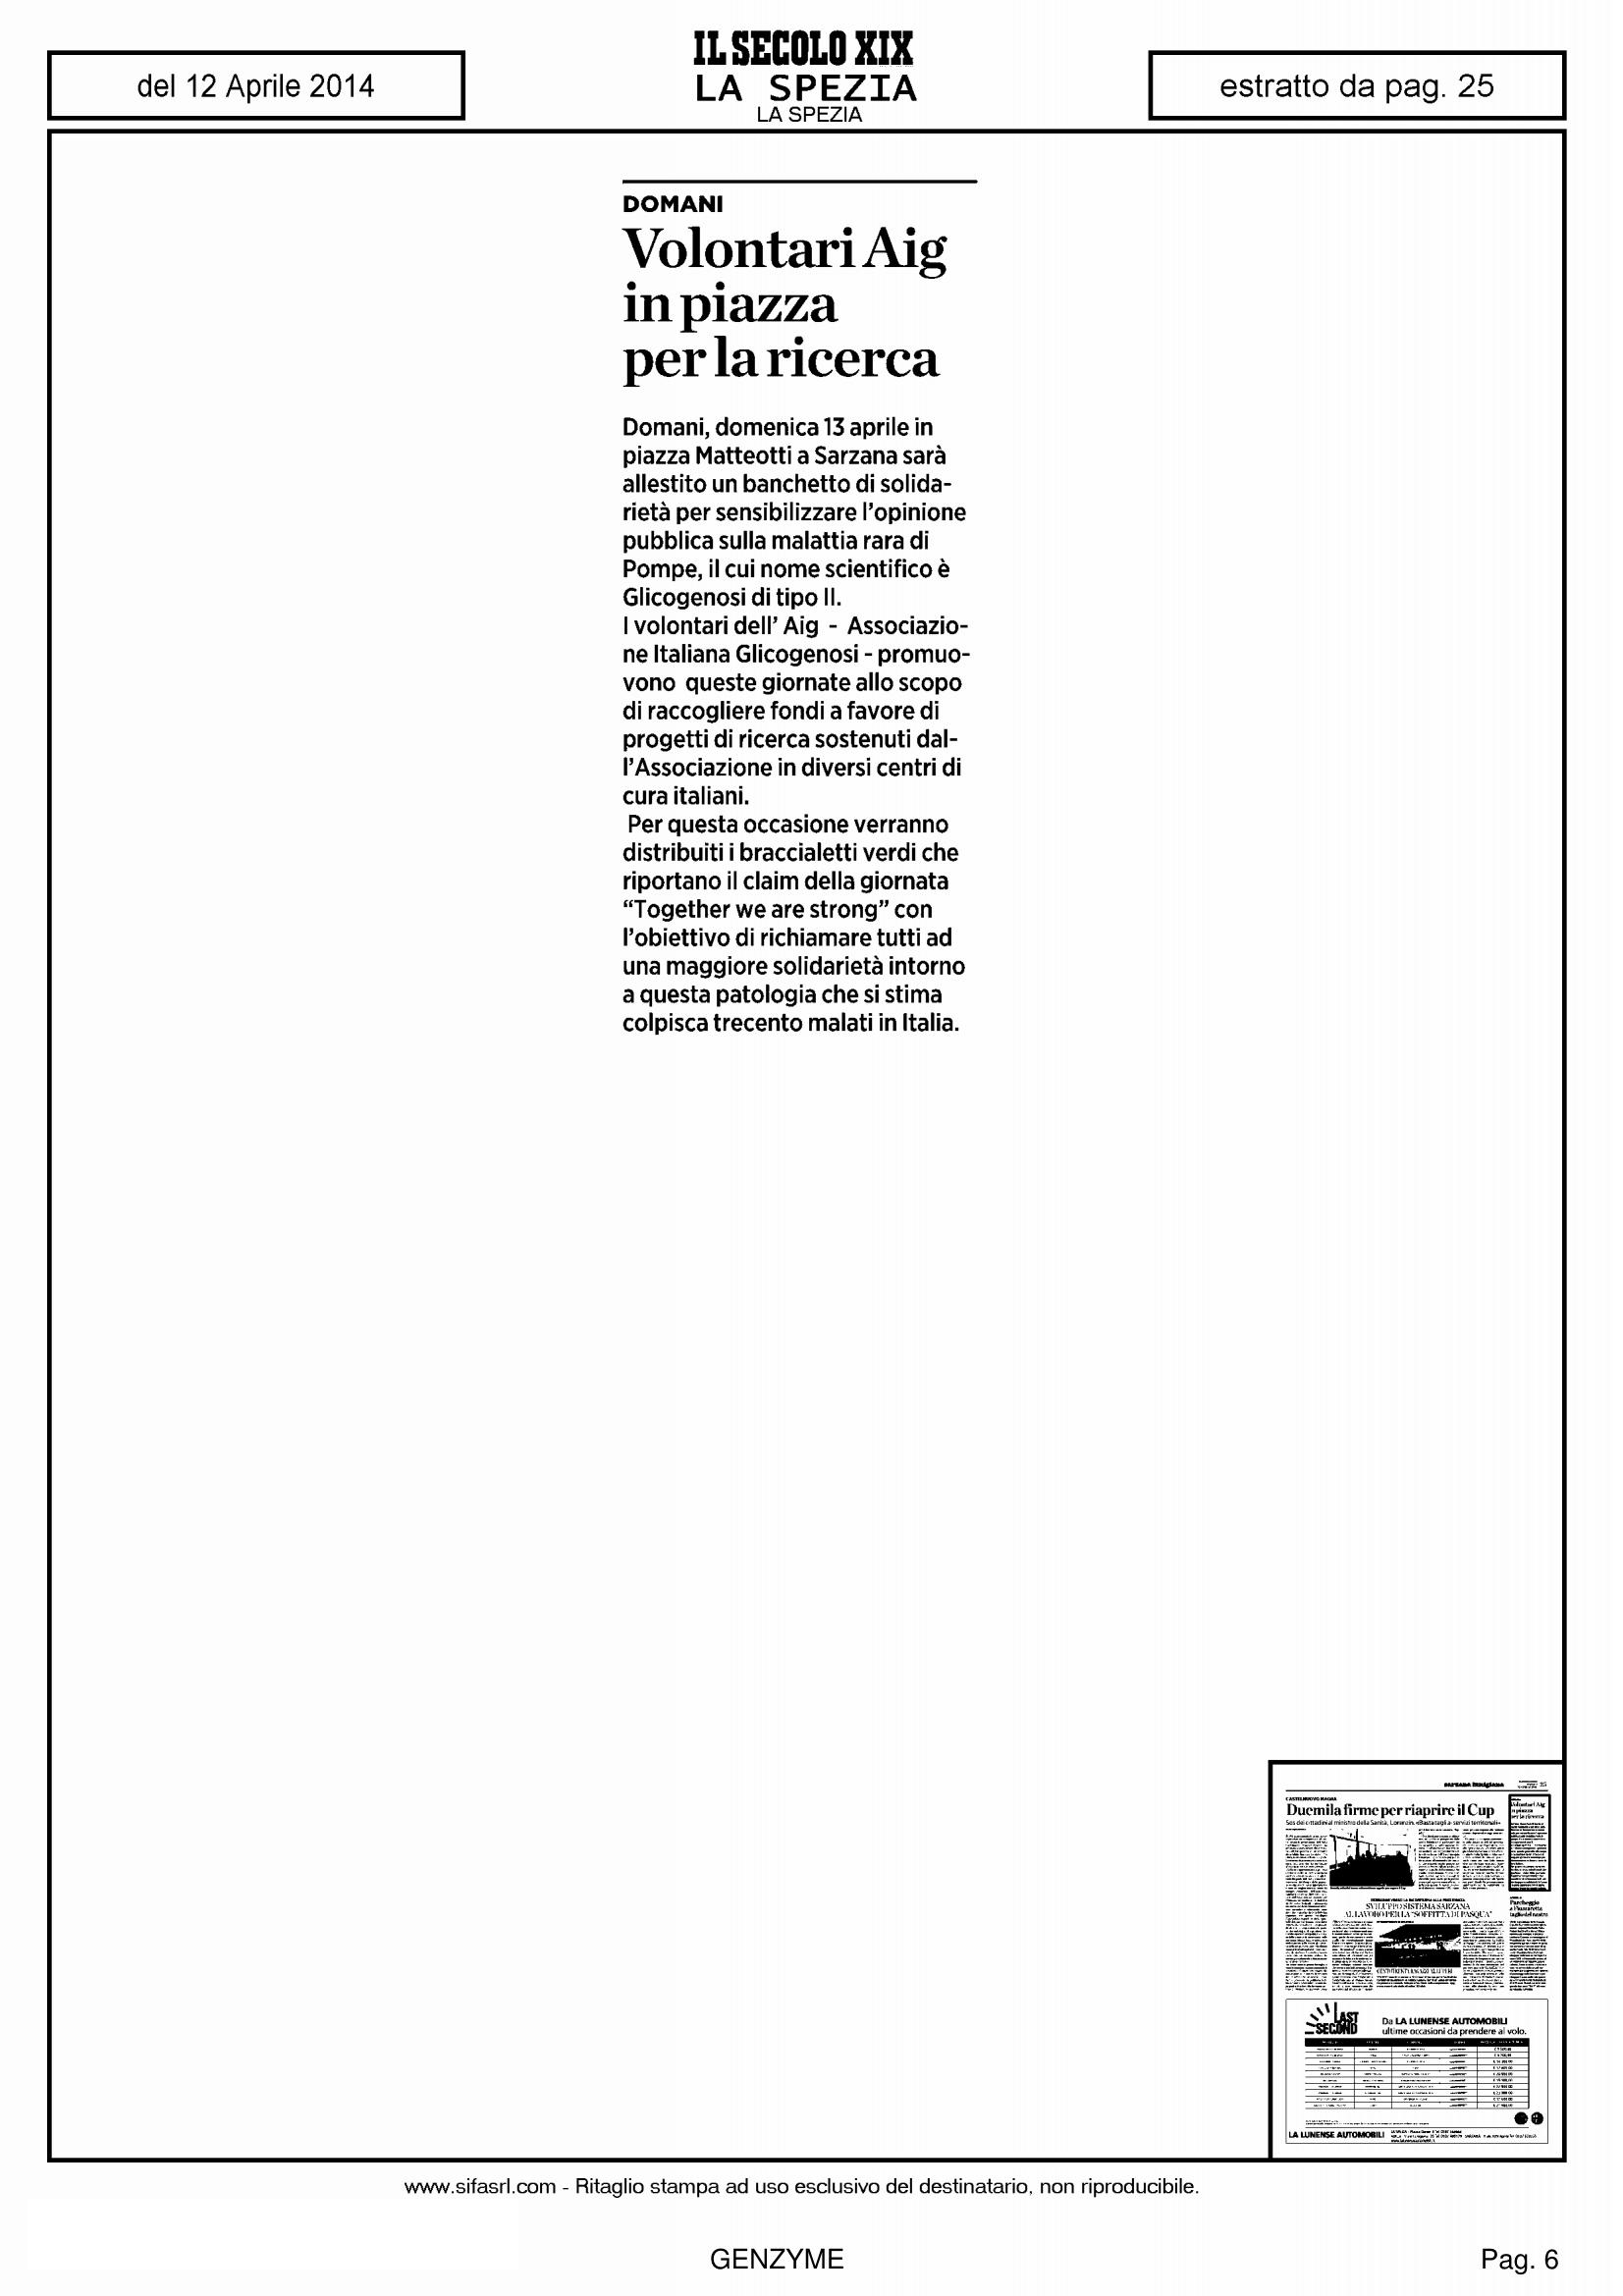 Stampa_20140416 Banchetti AIG nelle piazze italiane_Page_8